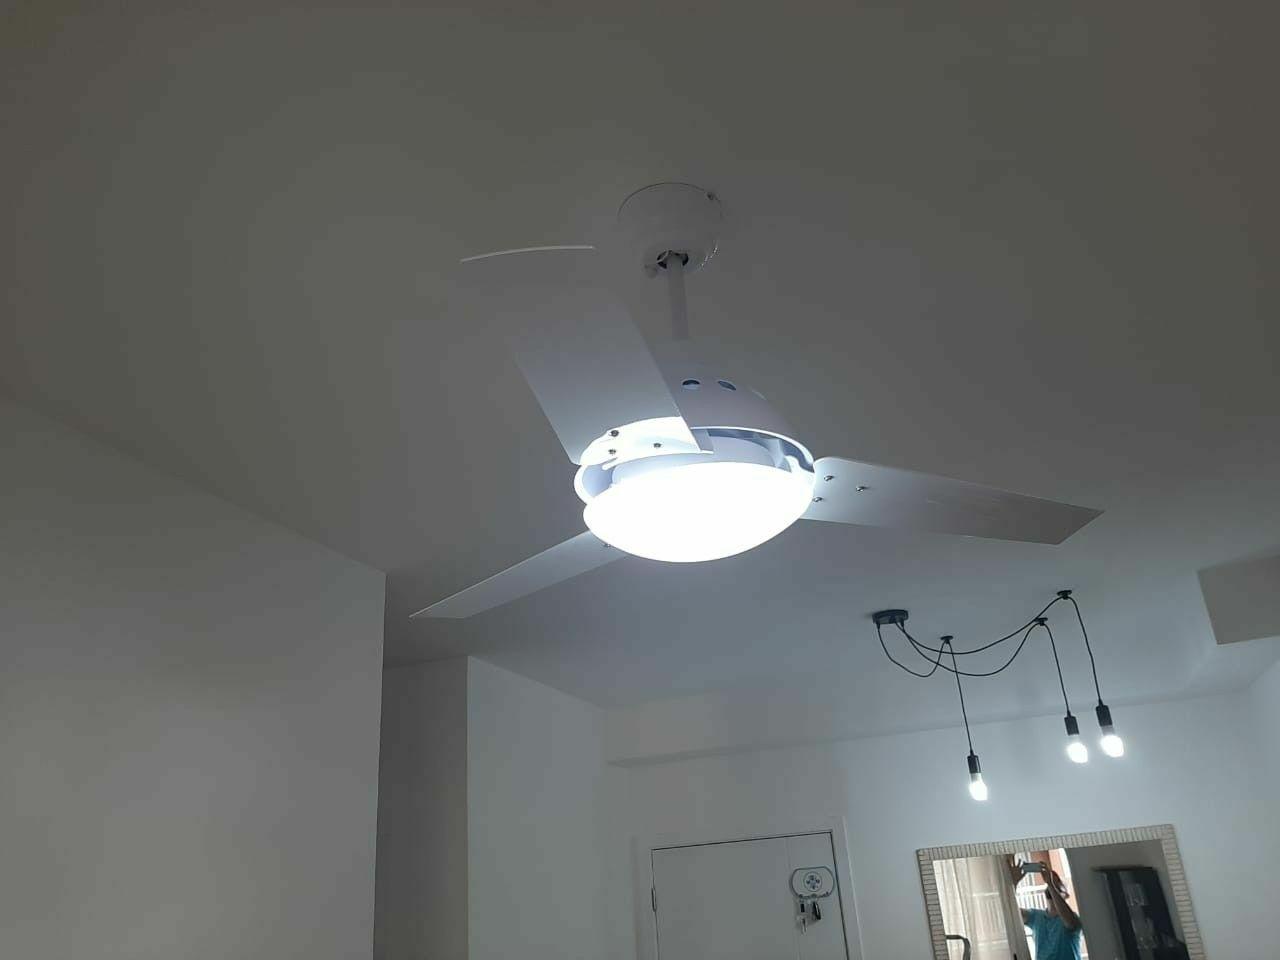 instalação ventilador teto com controle